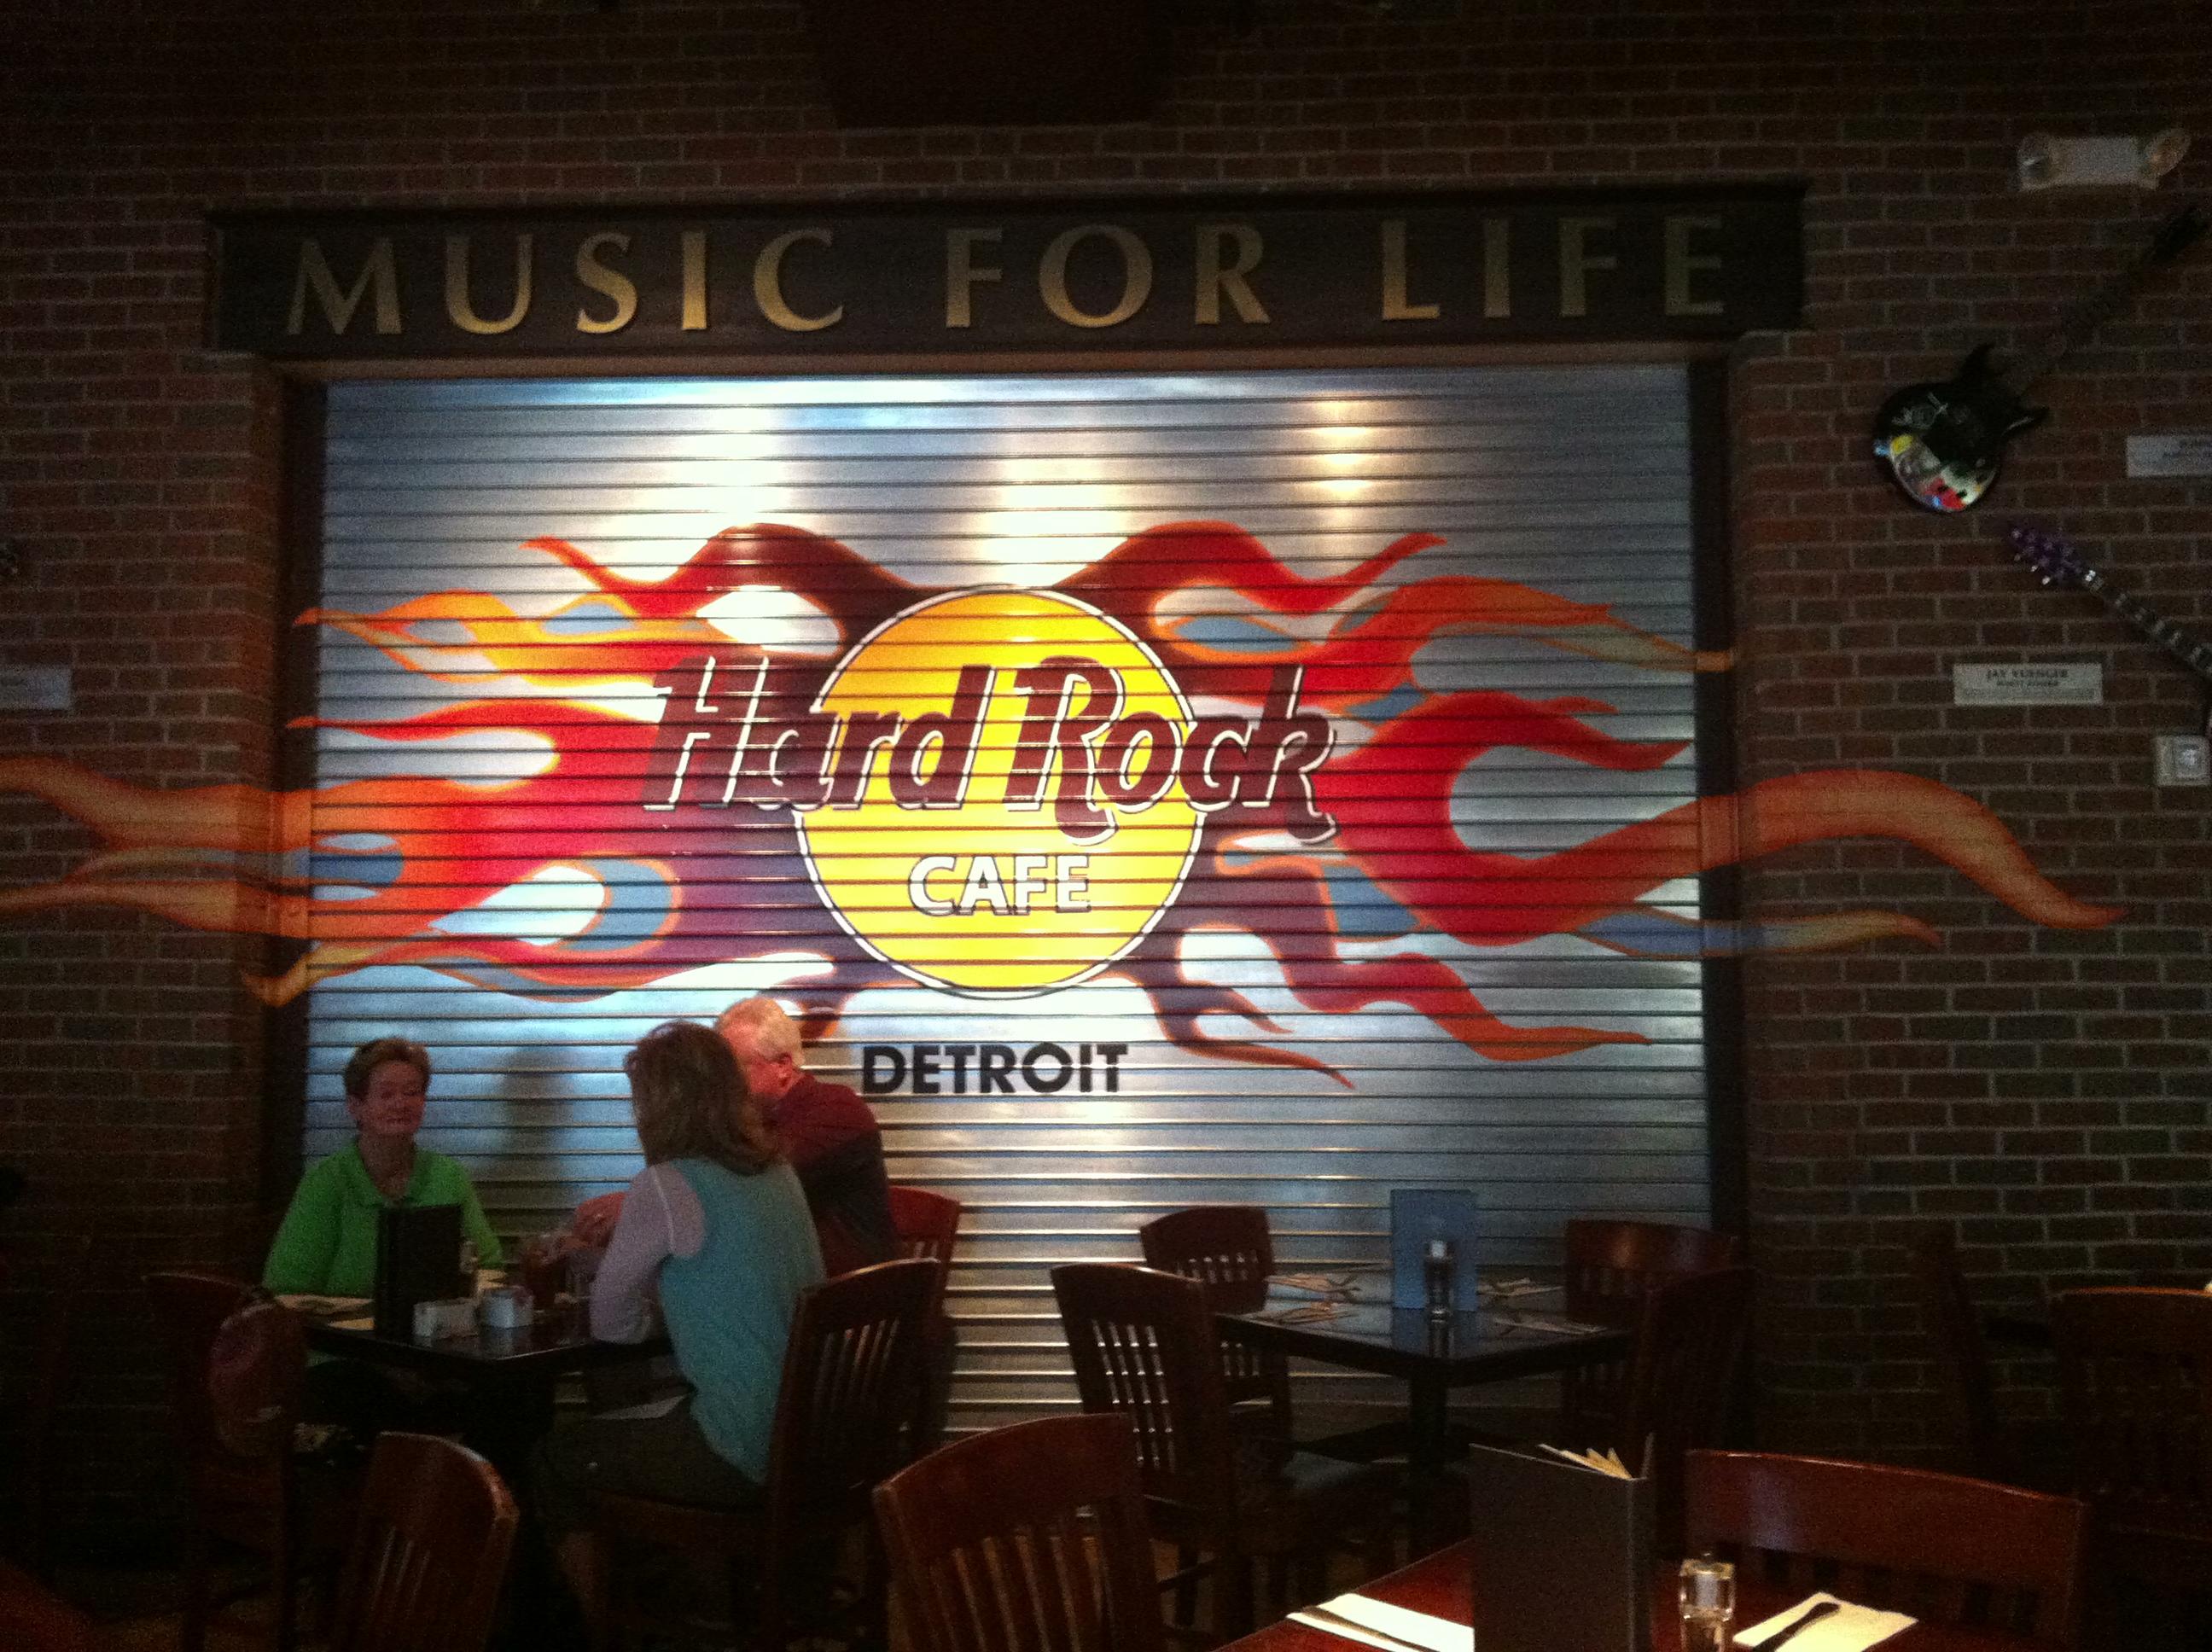 Hard Rock Cafe Detroit